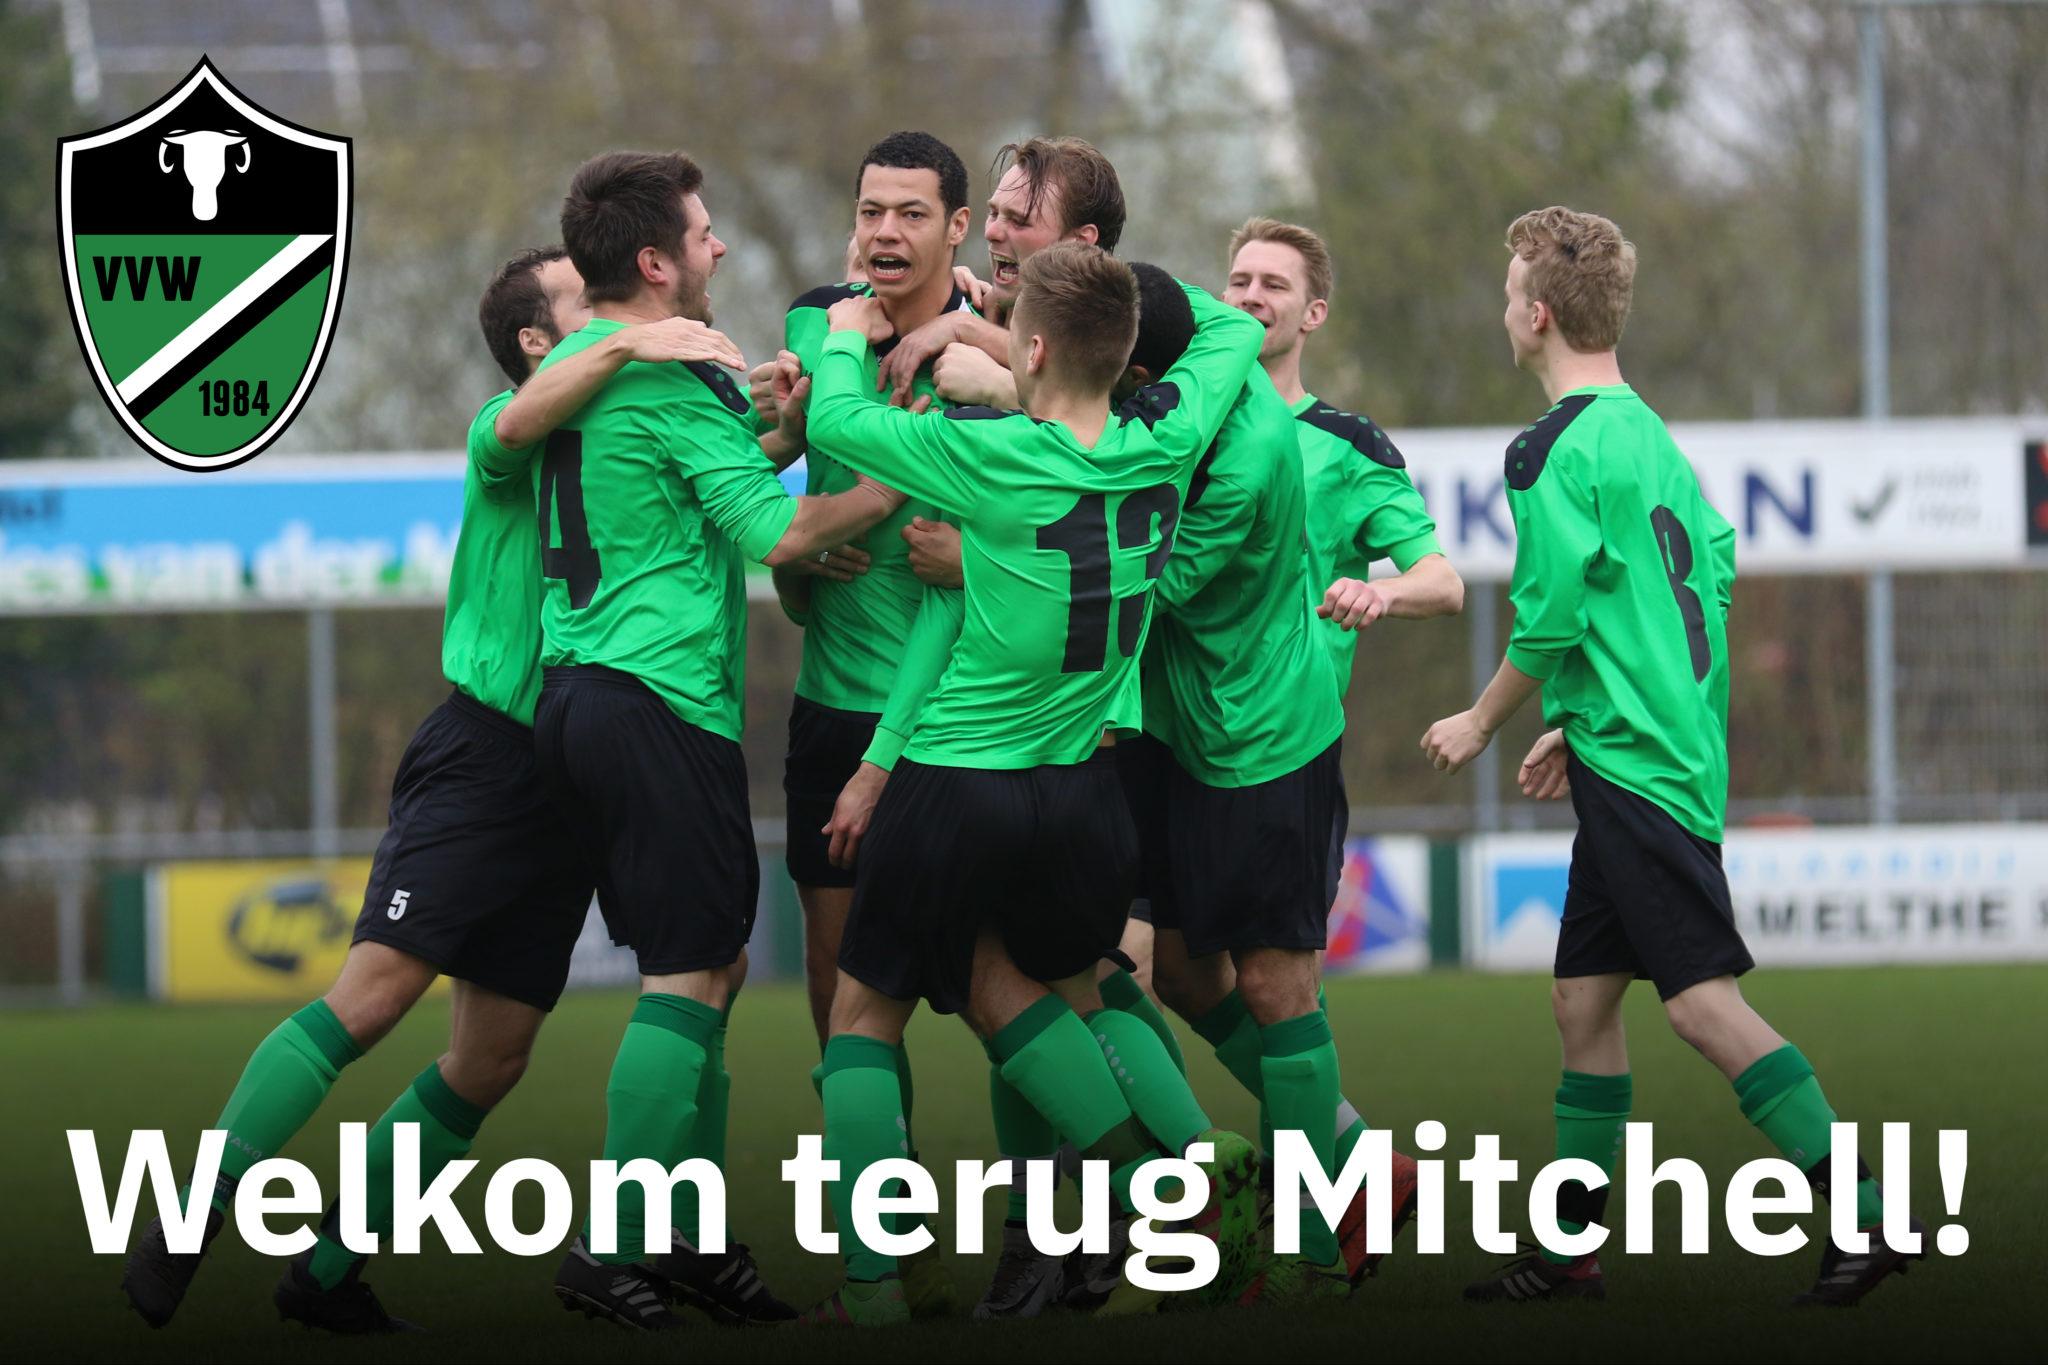 Mitchell Schievels keert terug naar Waskemeer